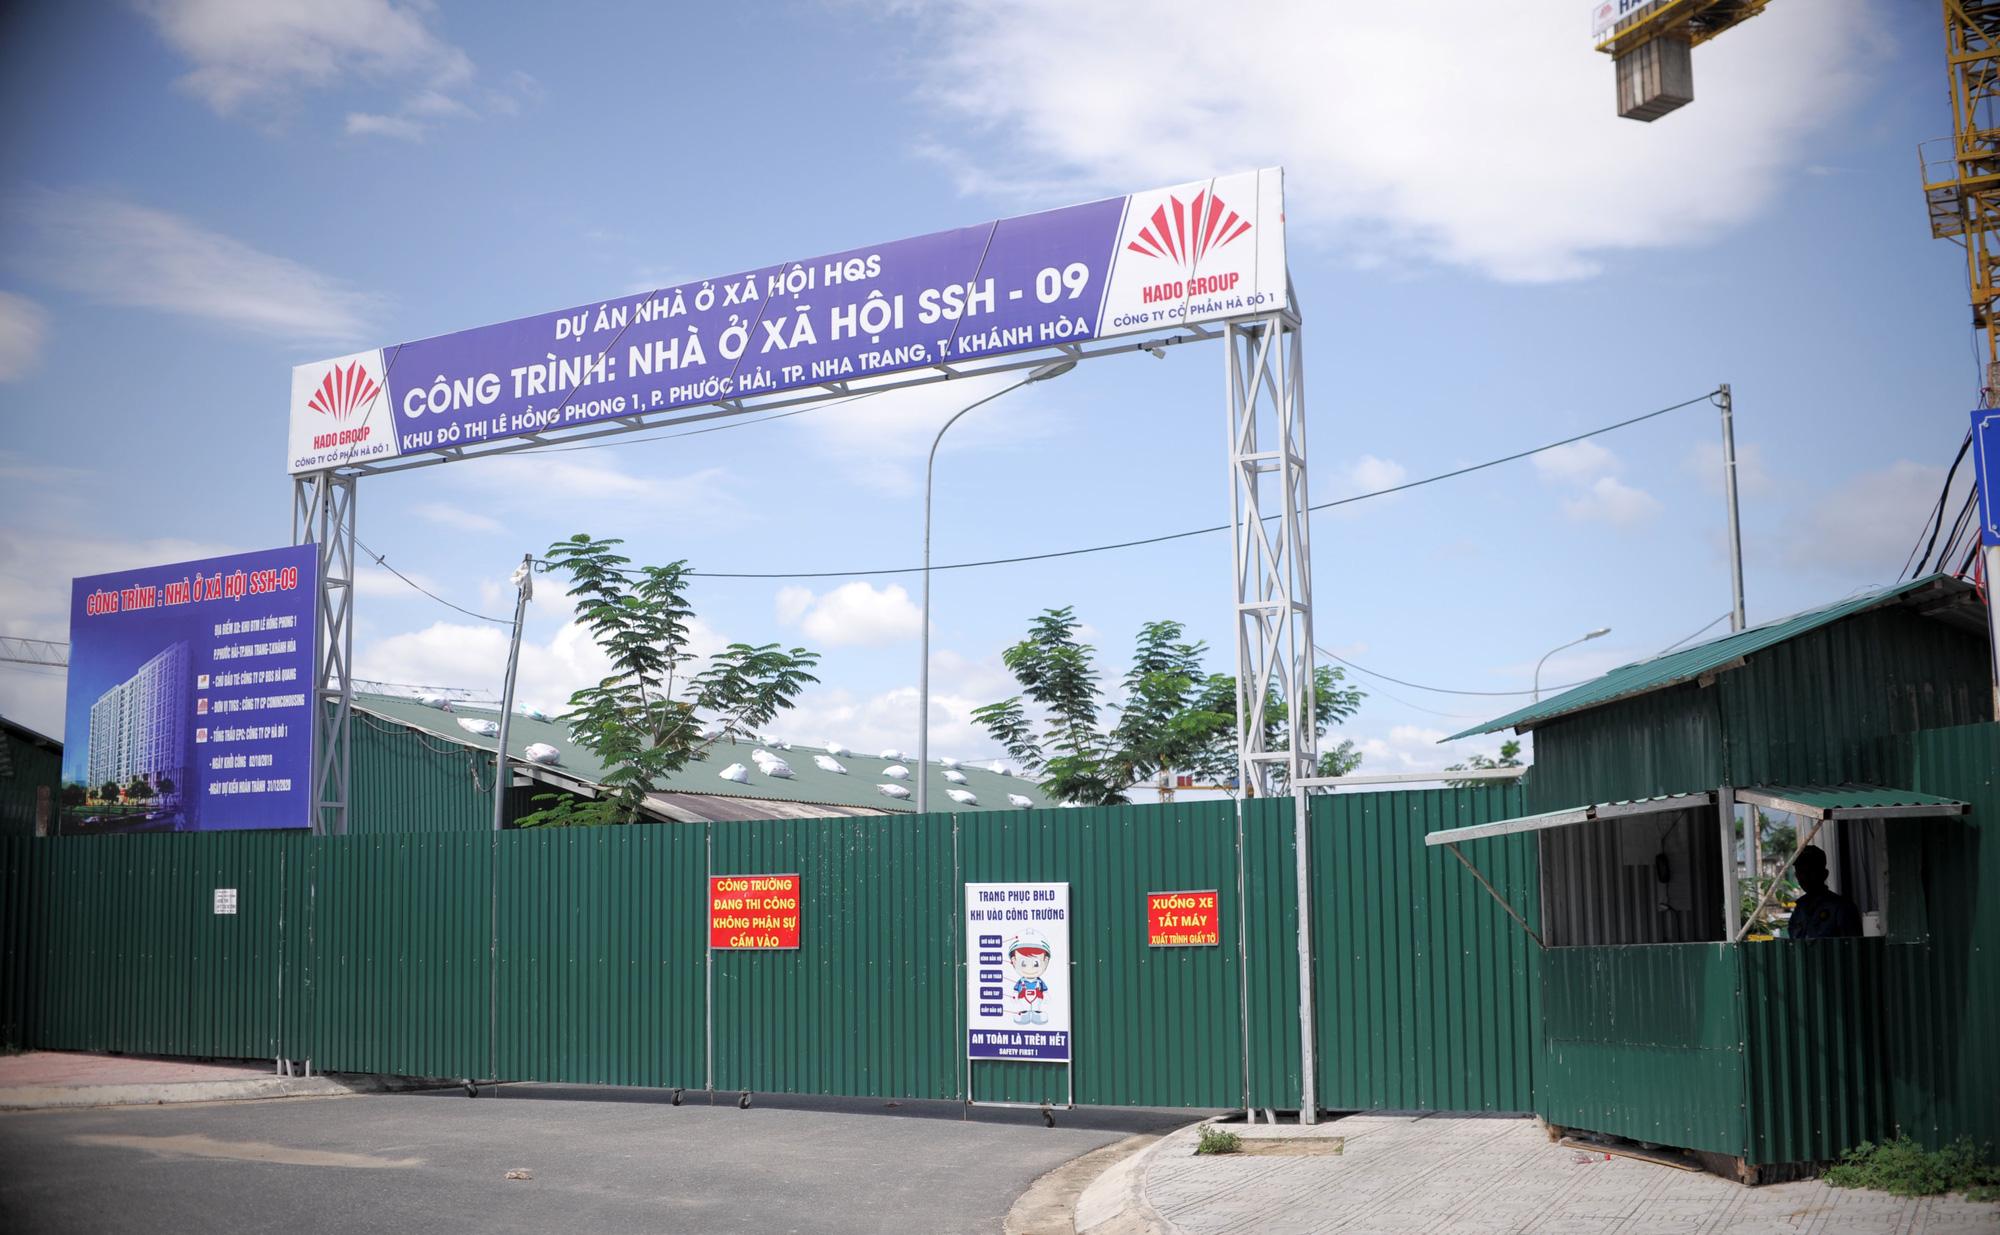 Khánh Hòa: Hoạt động bất động sản chững lại do virus corona - Ảnh 1.